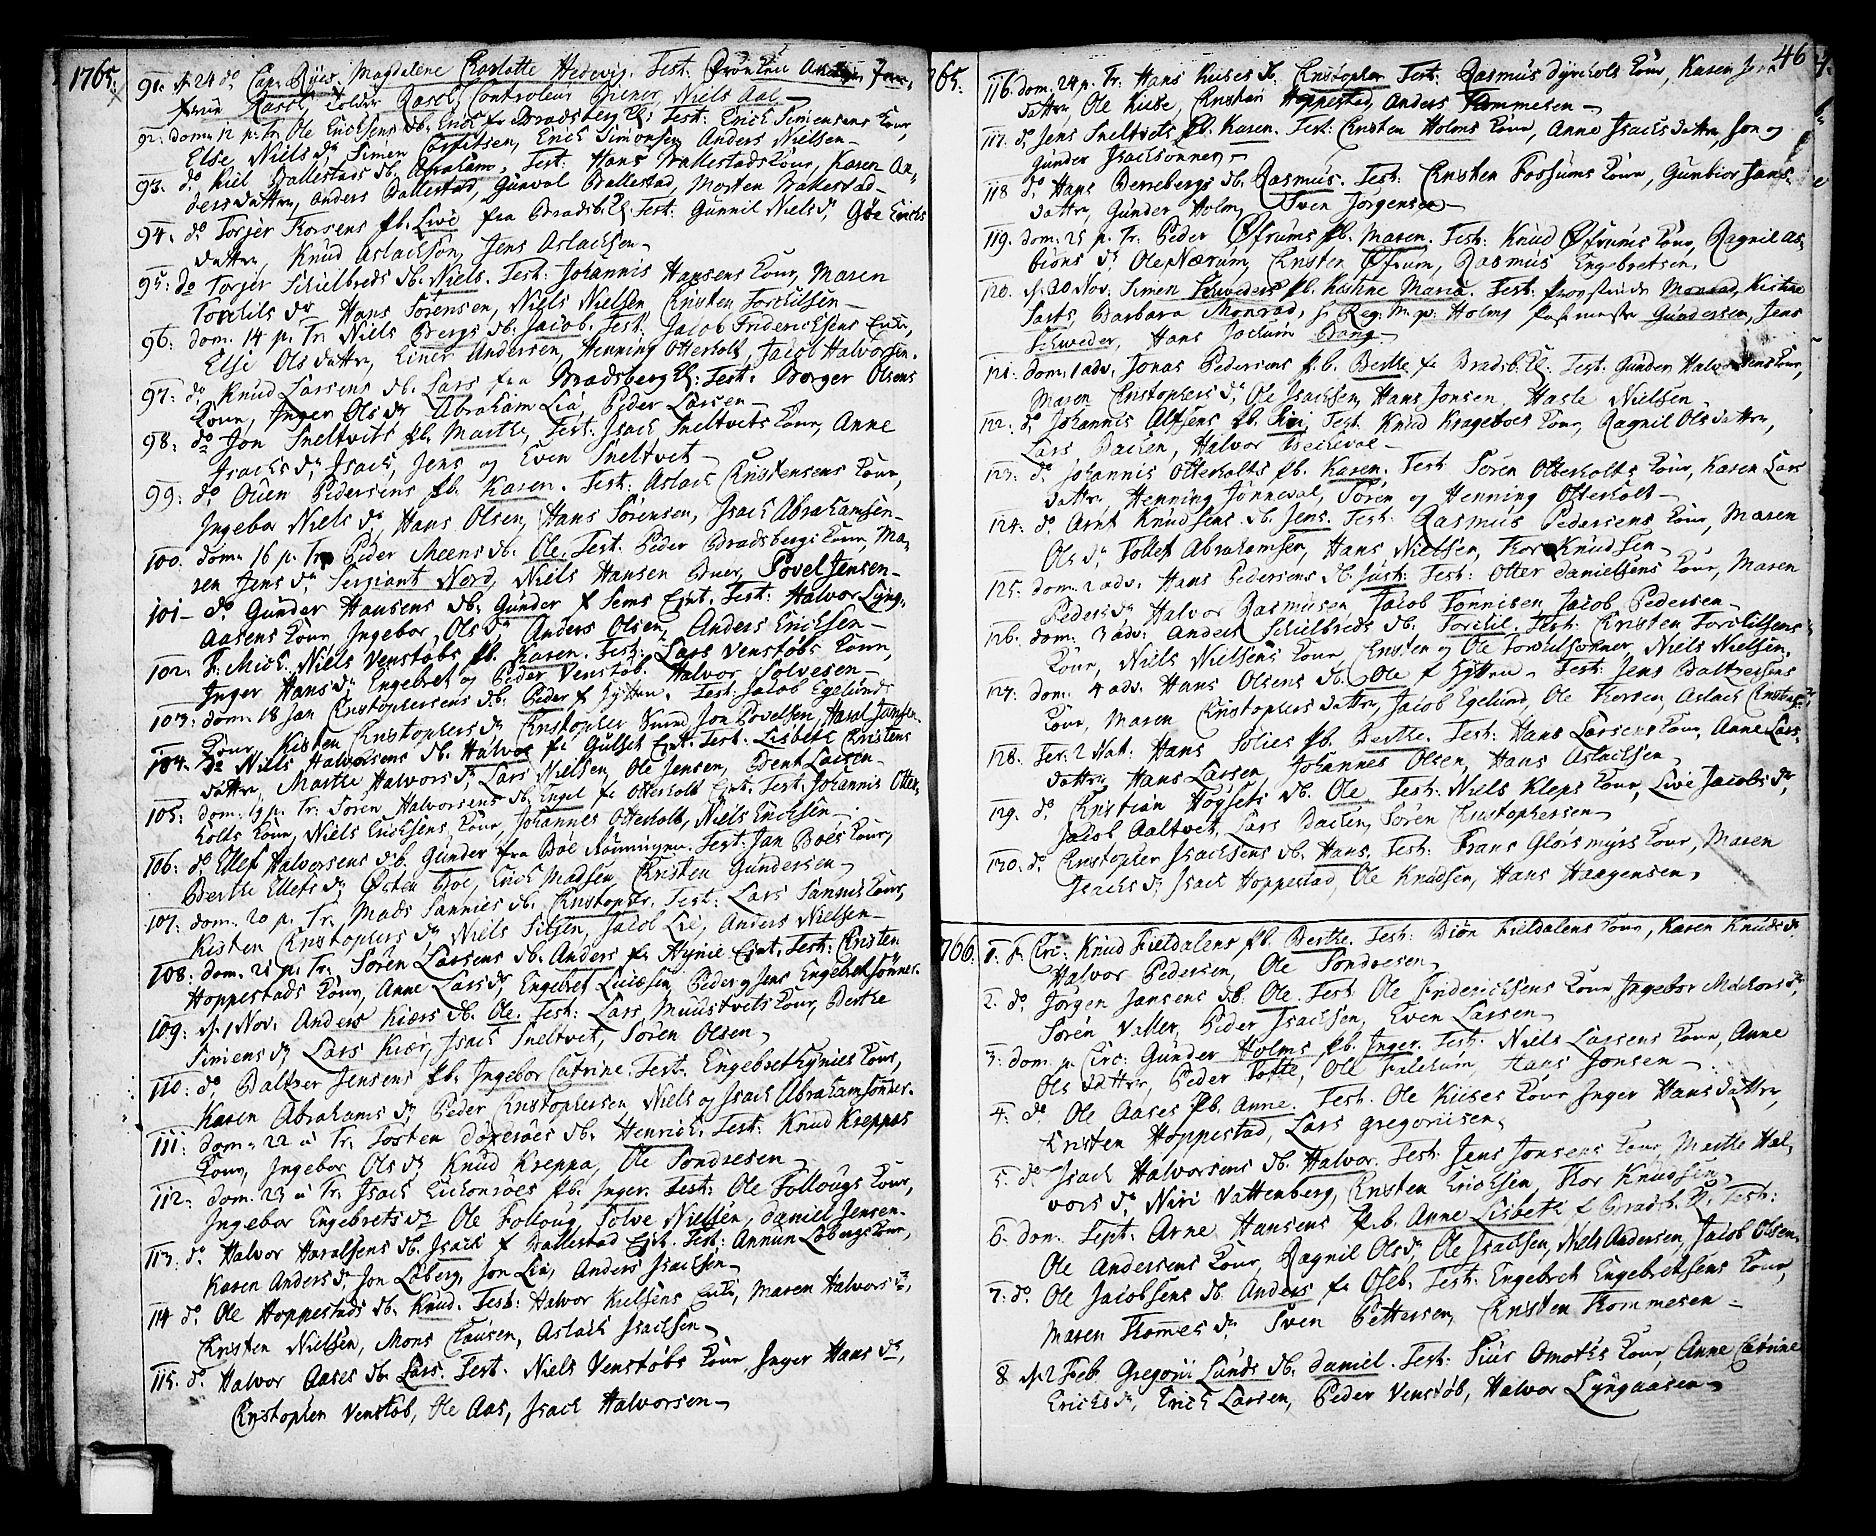 SAKO, Gjerpen kirkebøker, F/Fa/L0002: Ministerialbok nr. 2, 1747-1795, s. 46